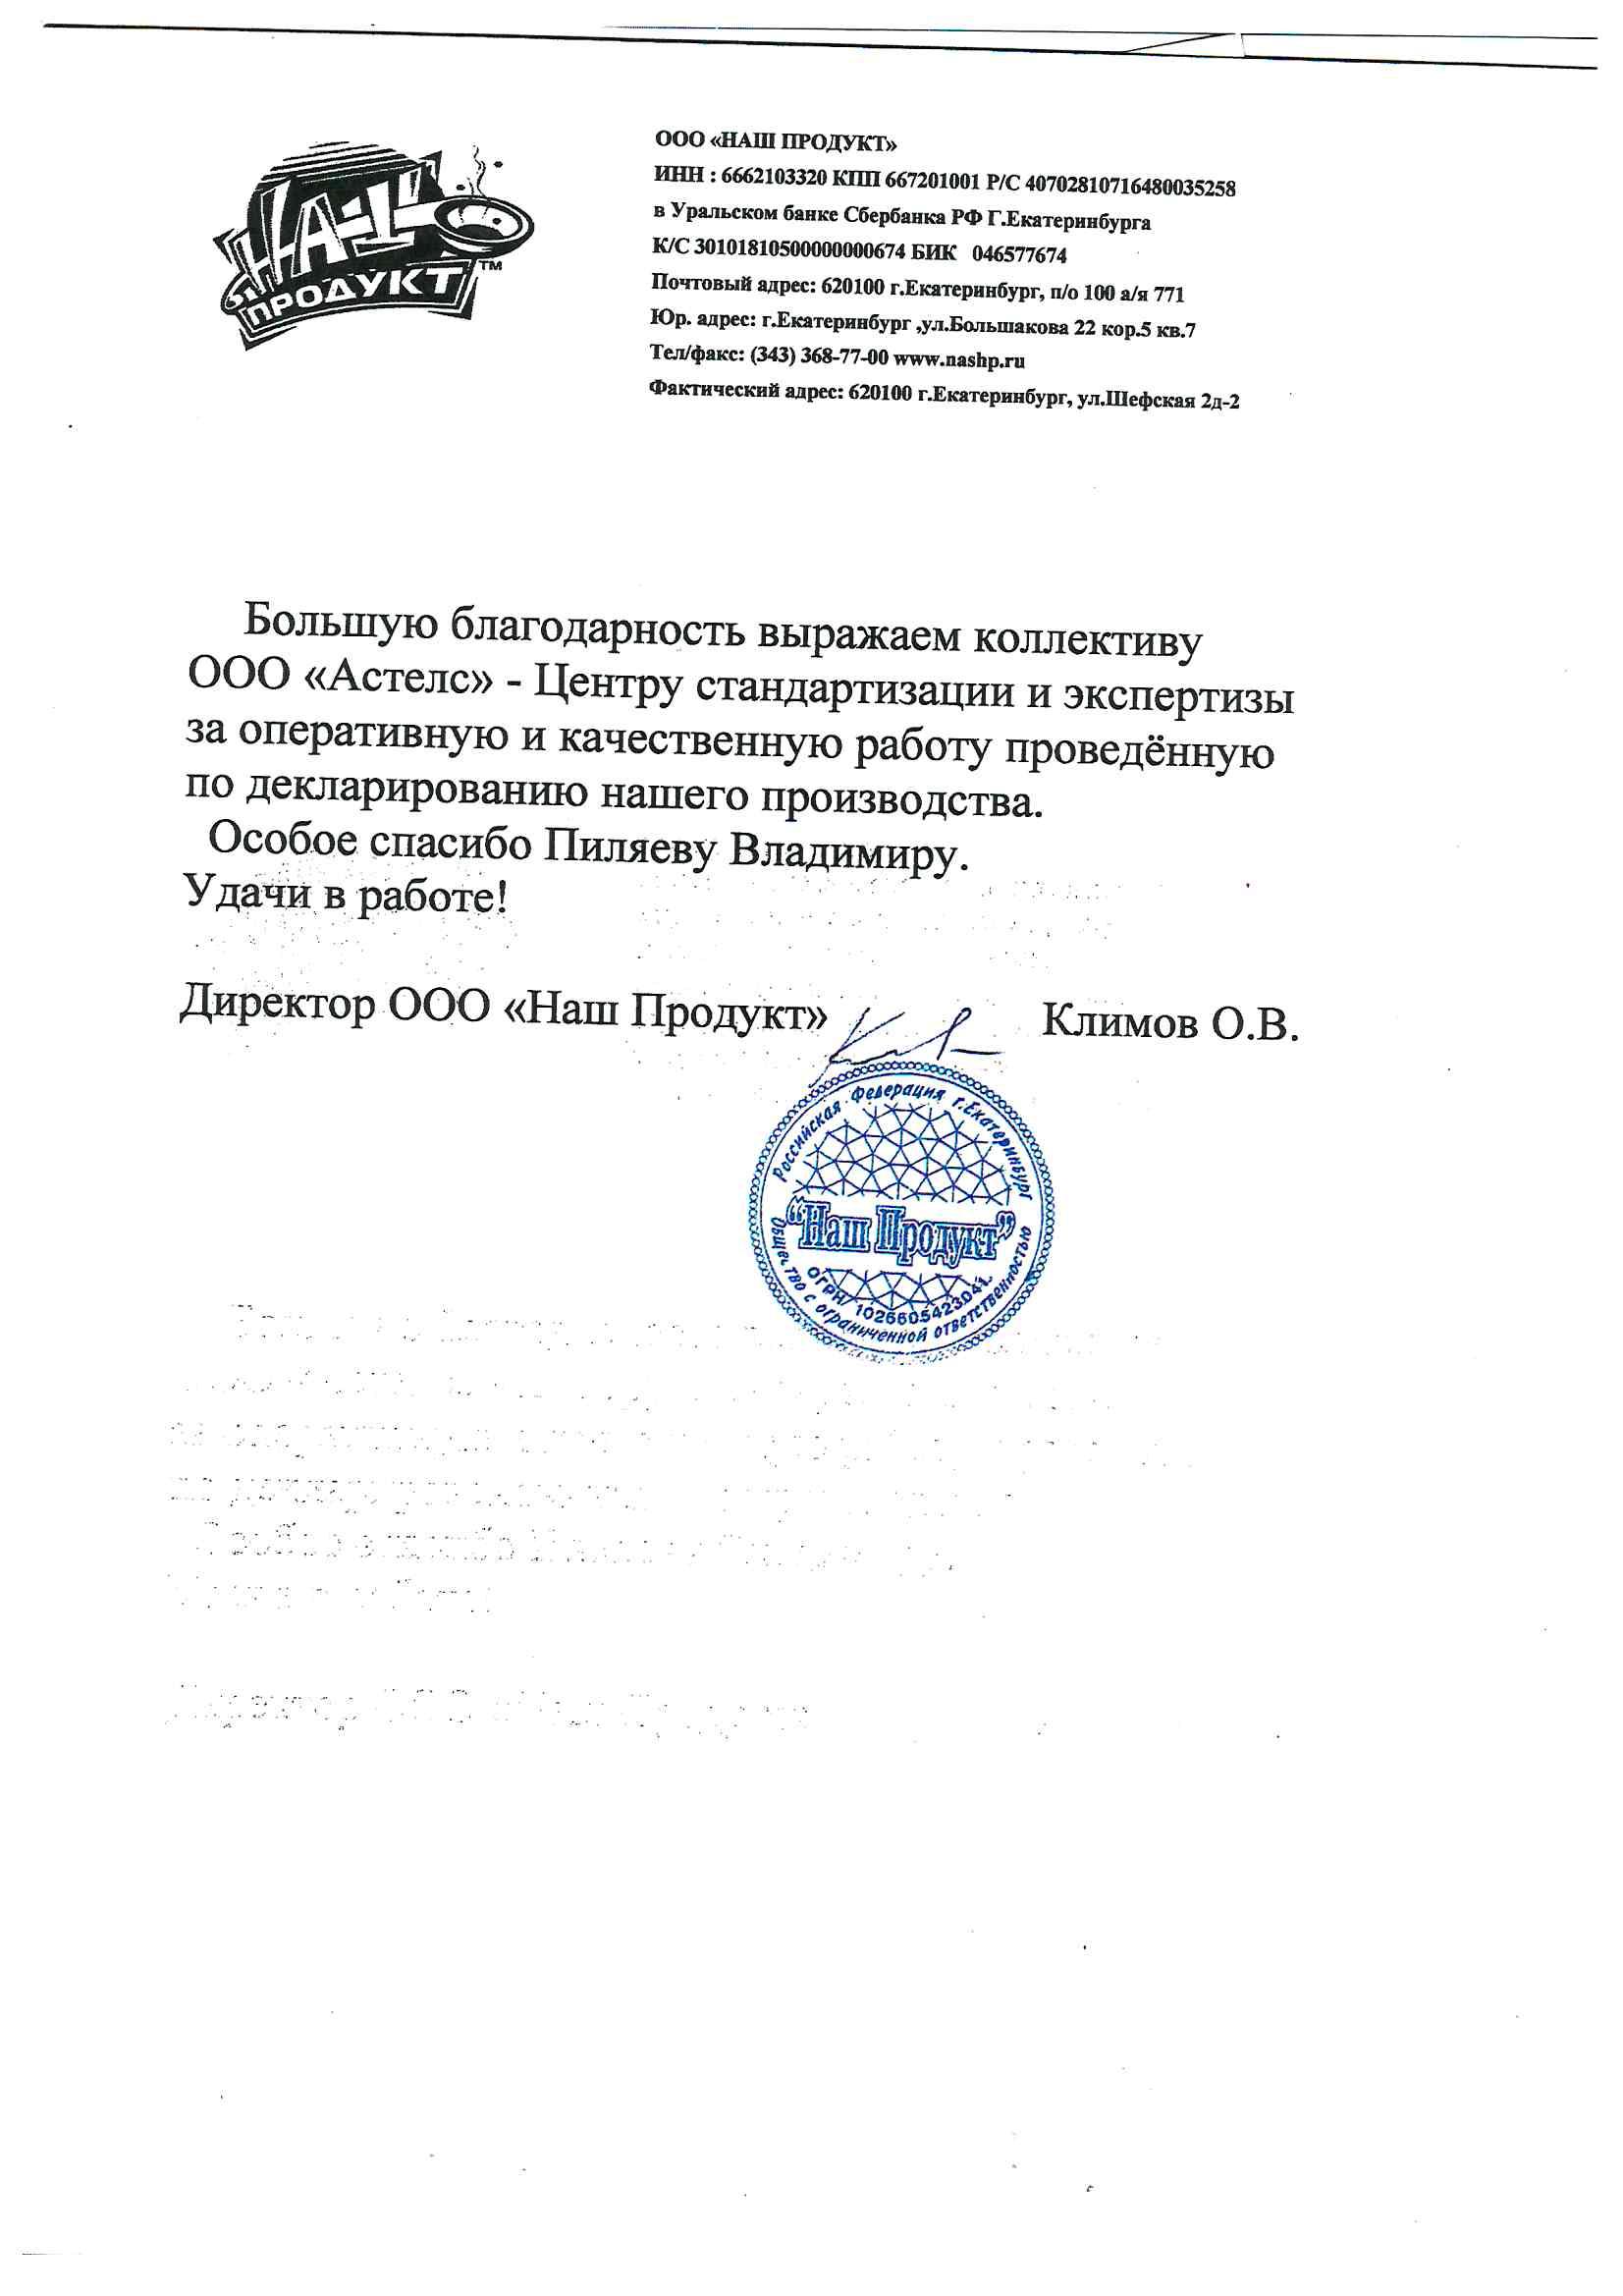 Работа в красноярске стандартизация сертификация метрология стандартизация и сертификация тест